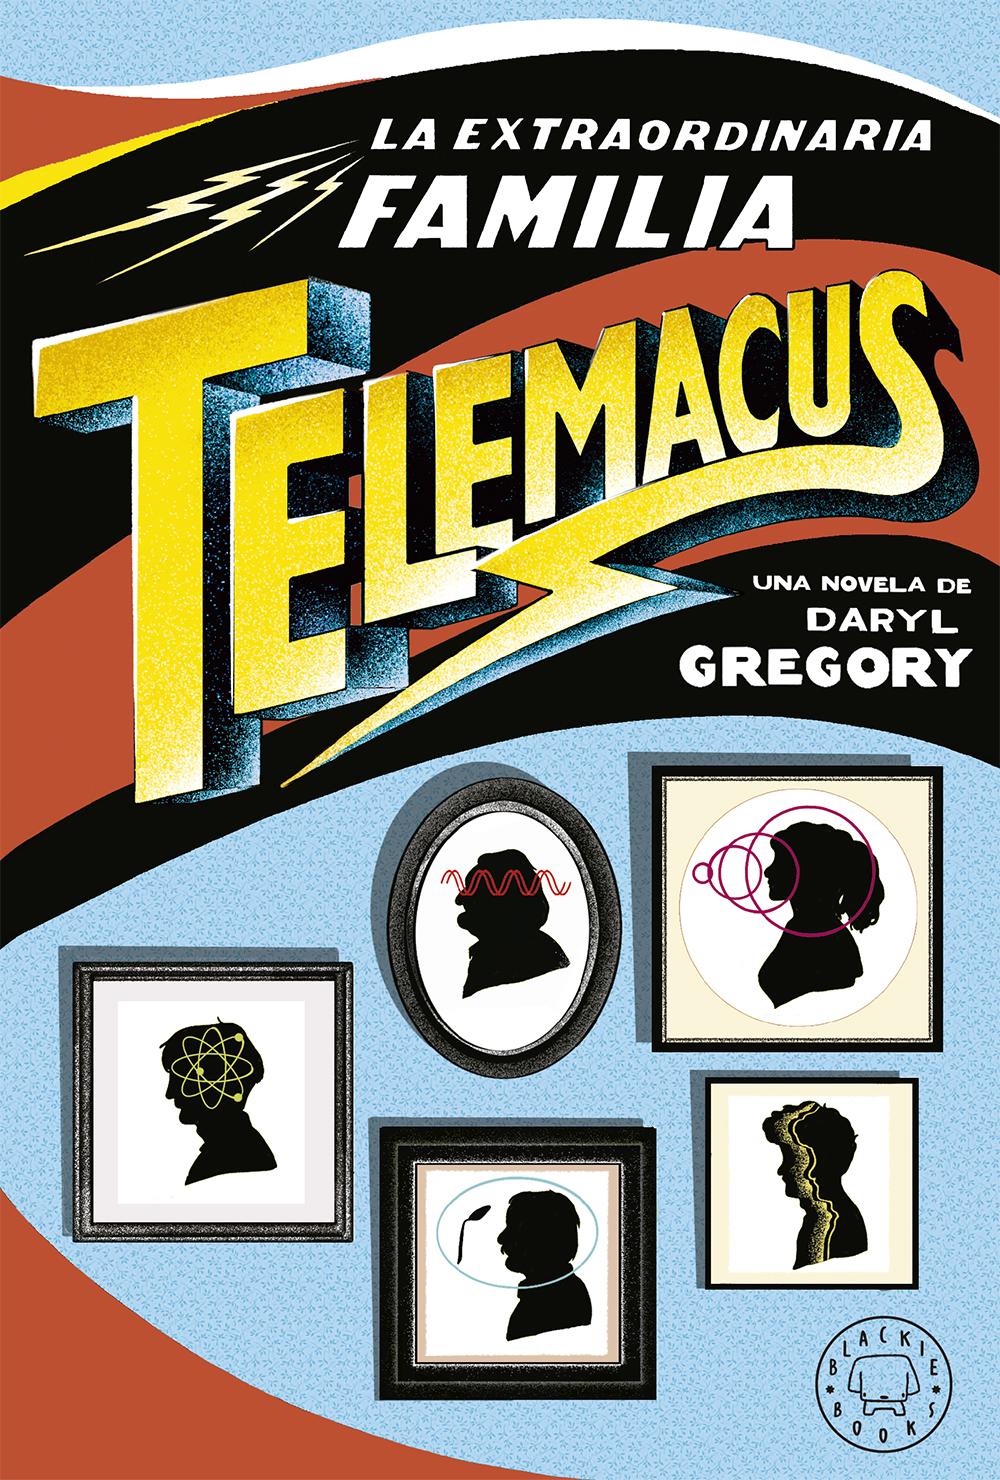 La novela nos narra la historia de la curiosa familia Telemachus (genial  nombre), formada por un matrimonio y sus tres hijos, algunos de los cuales  tienen ...